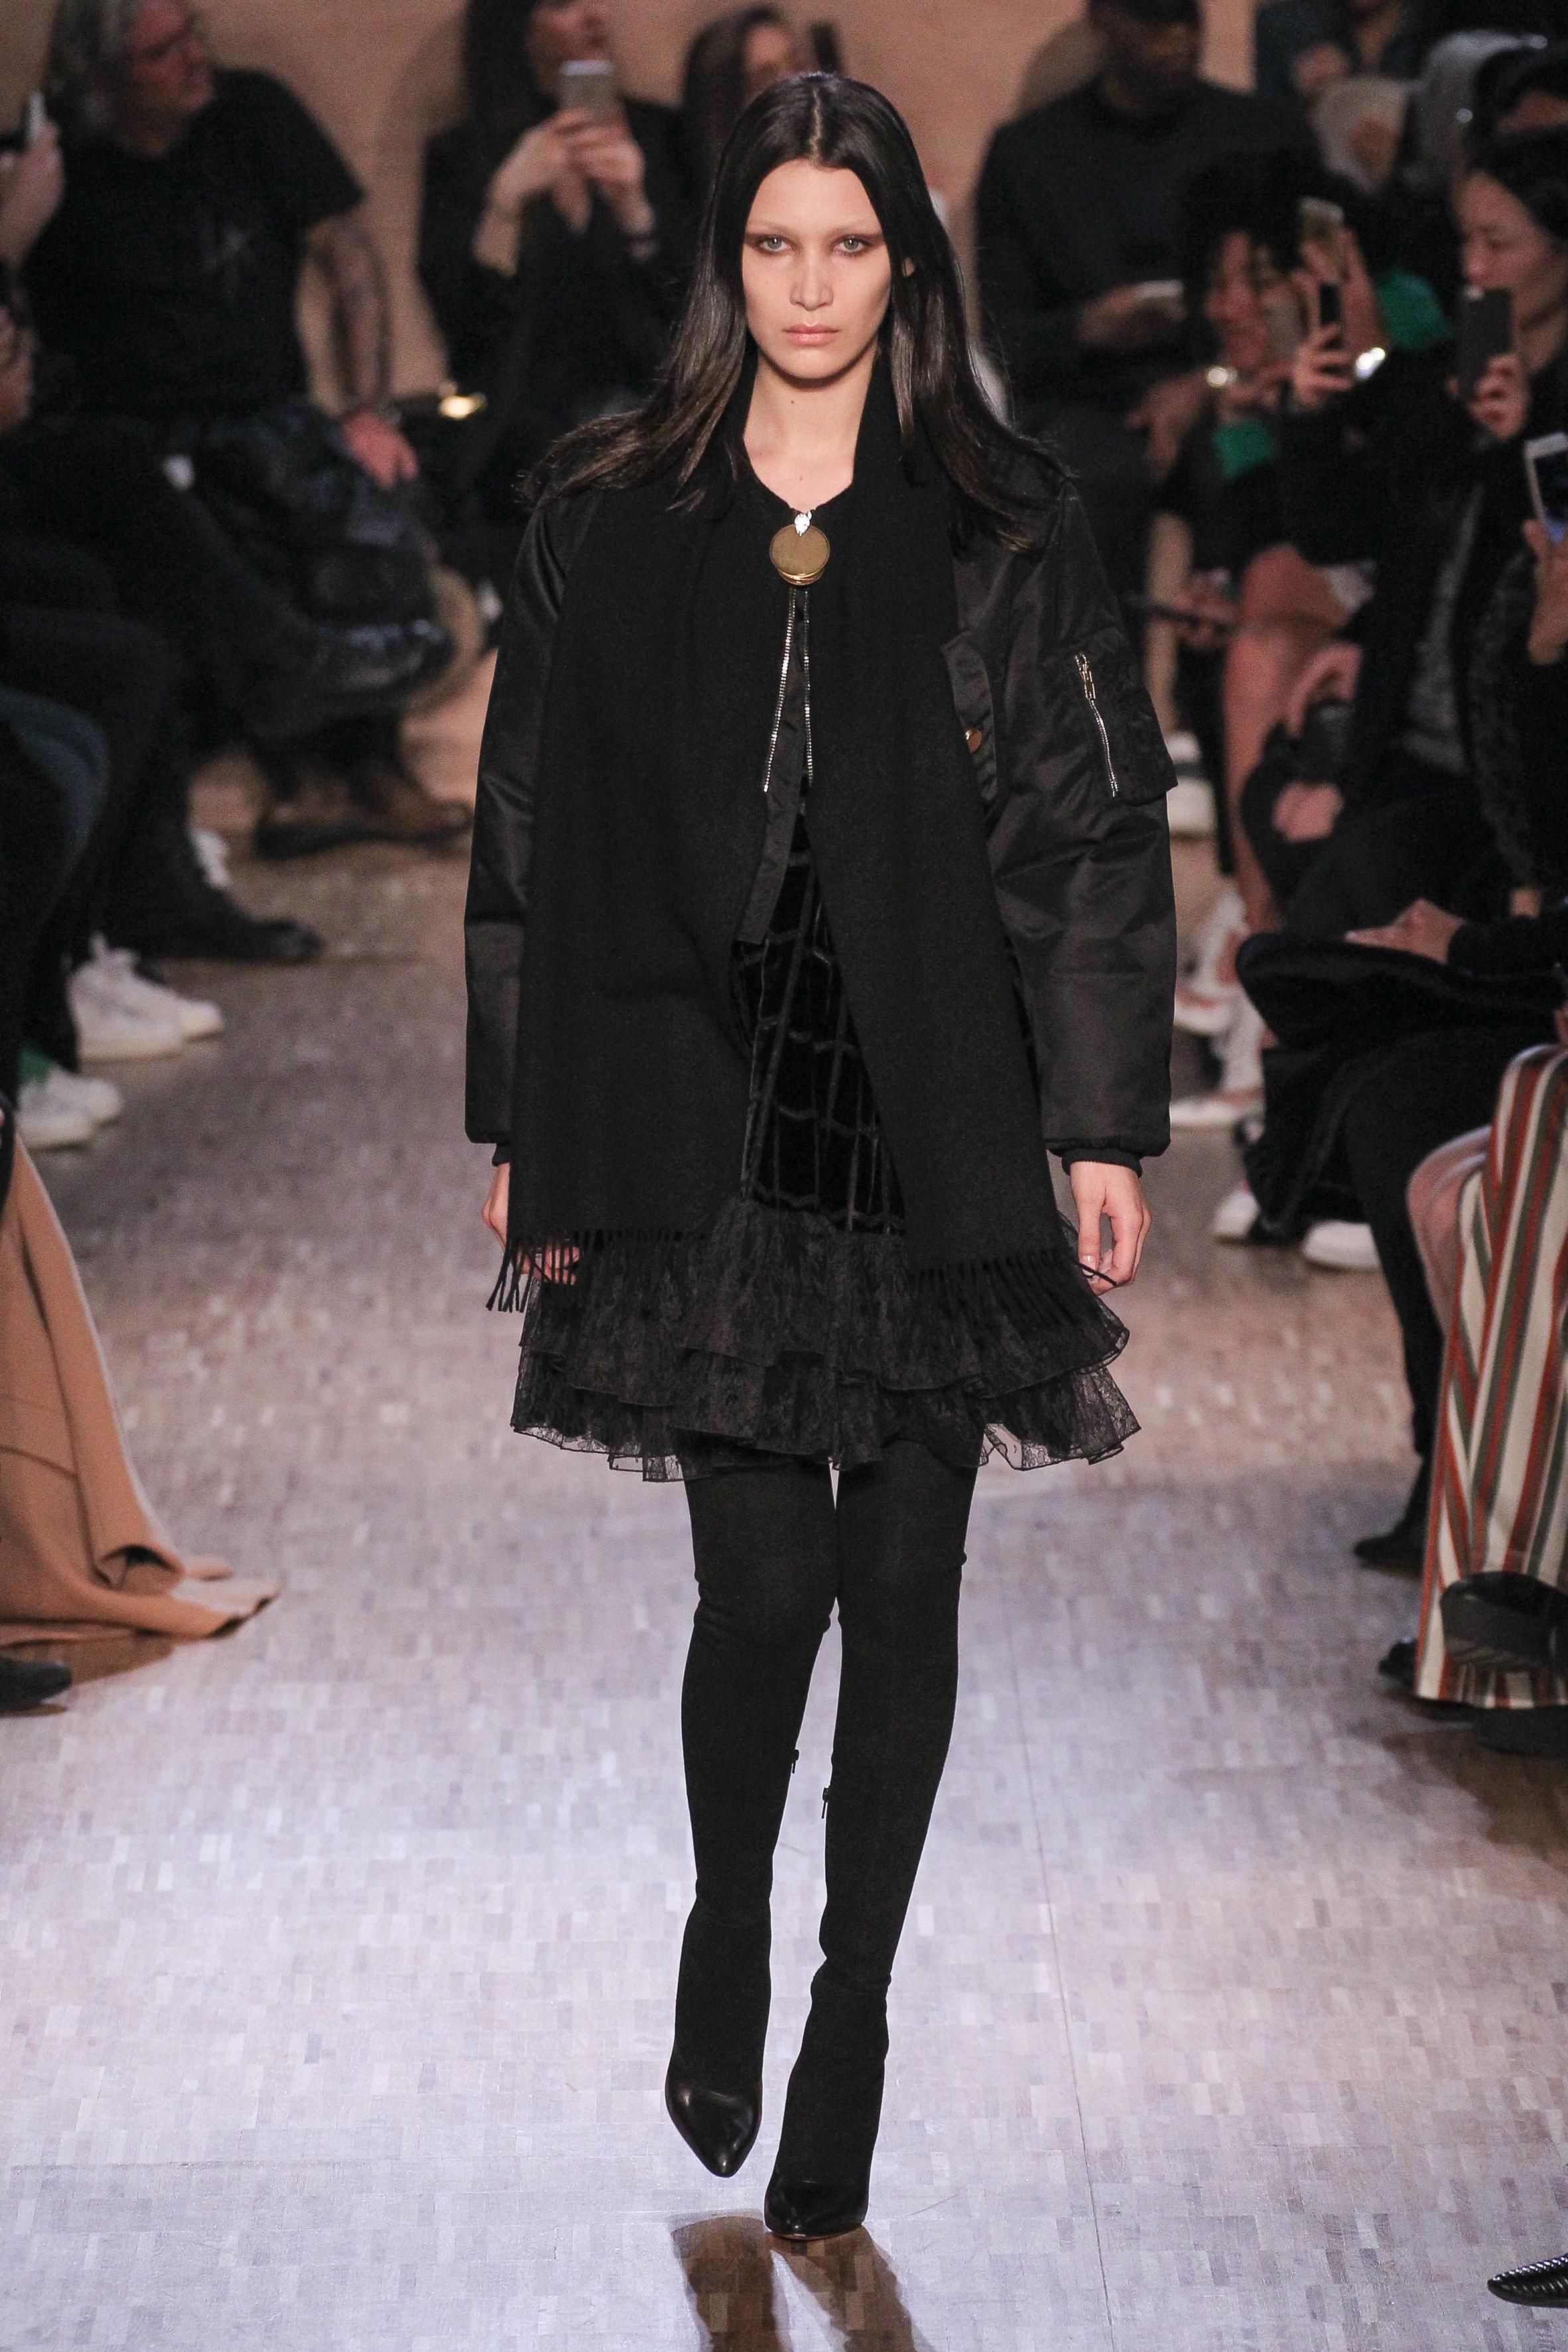 GIVENCHY 캐주얼한 블랙 MA1 점퍼도 좋다. 점퍼를 벗는 순간 변신할 러블리한 러플 미니 드레스와 함께라면!